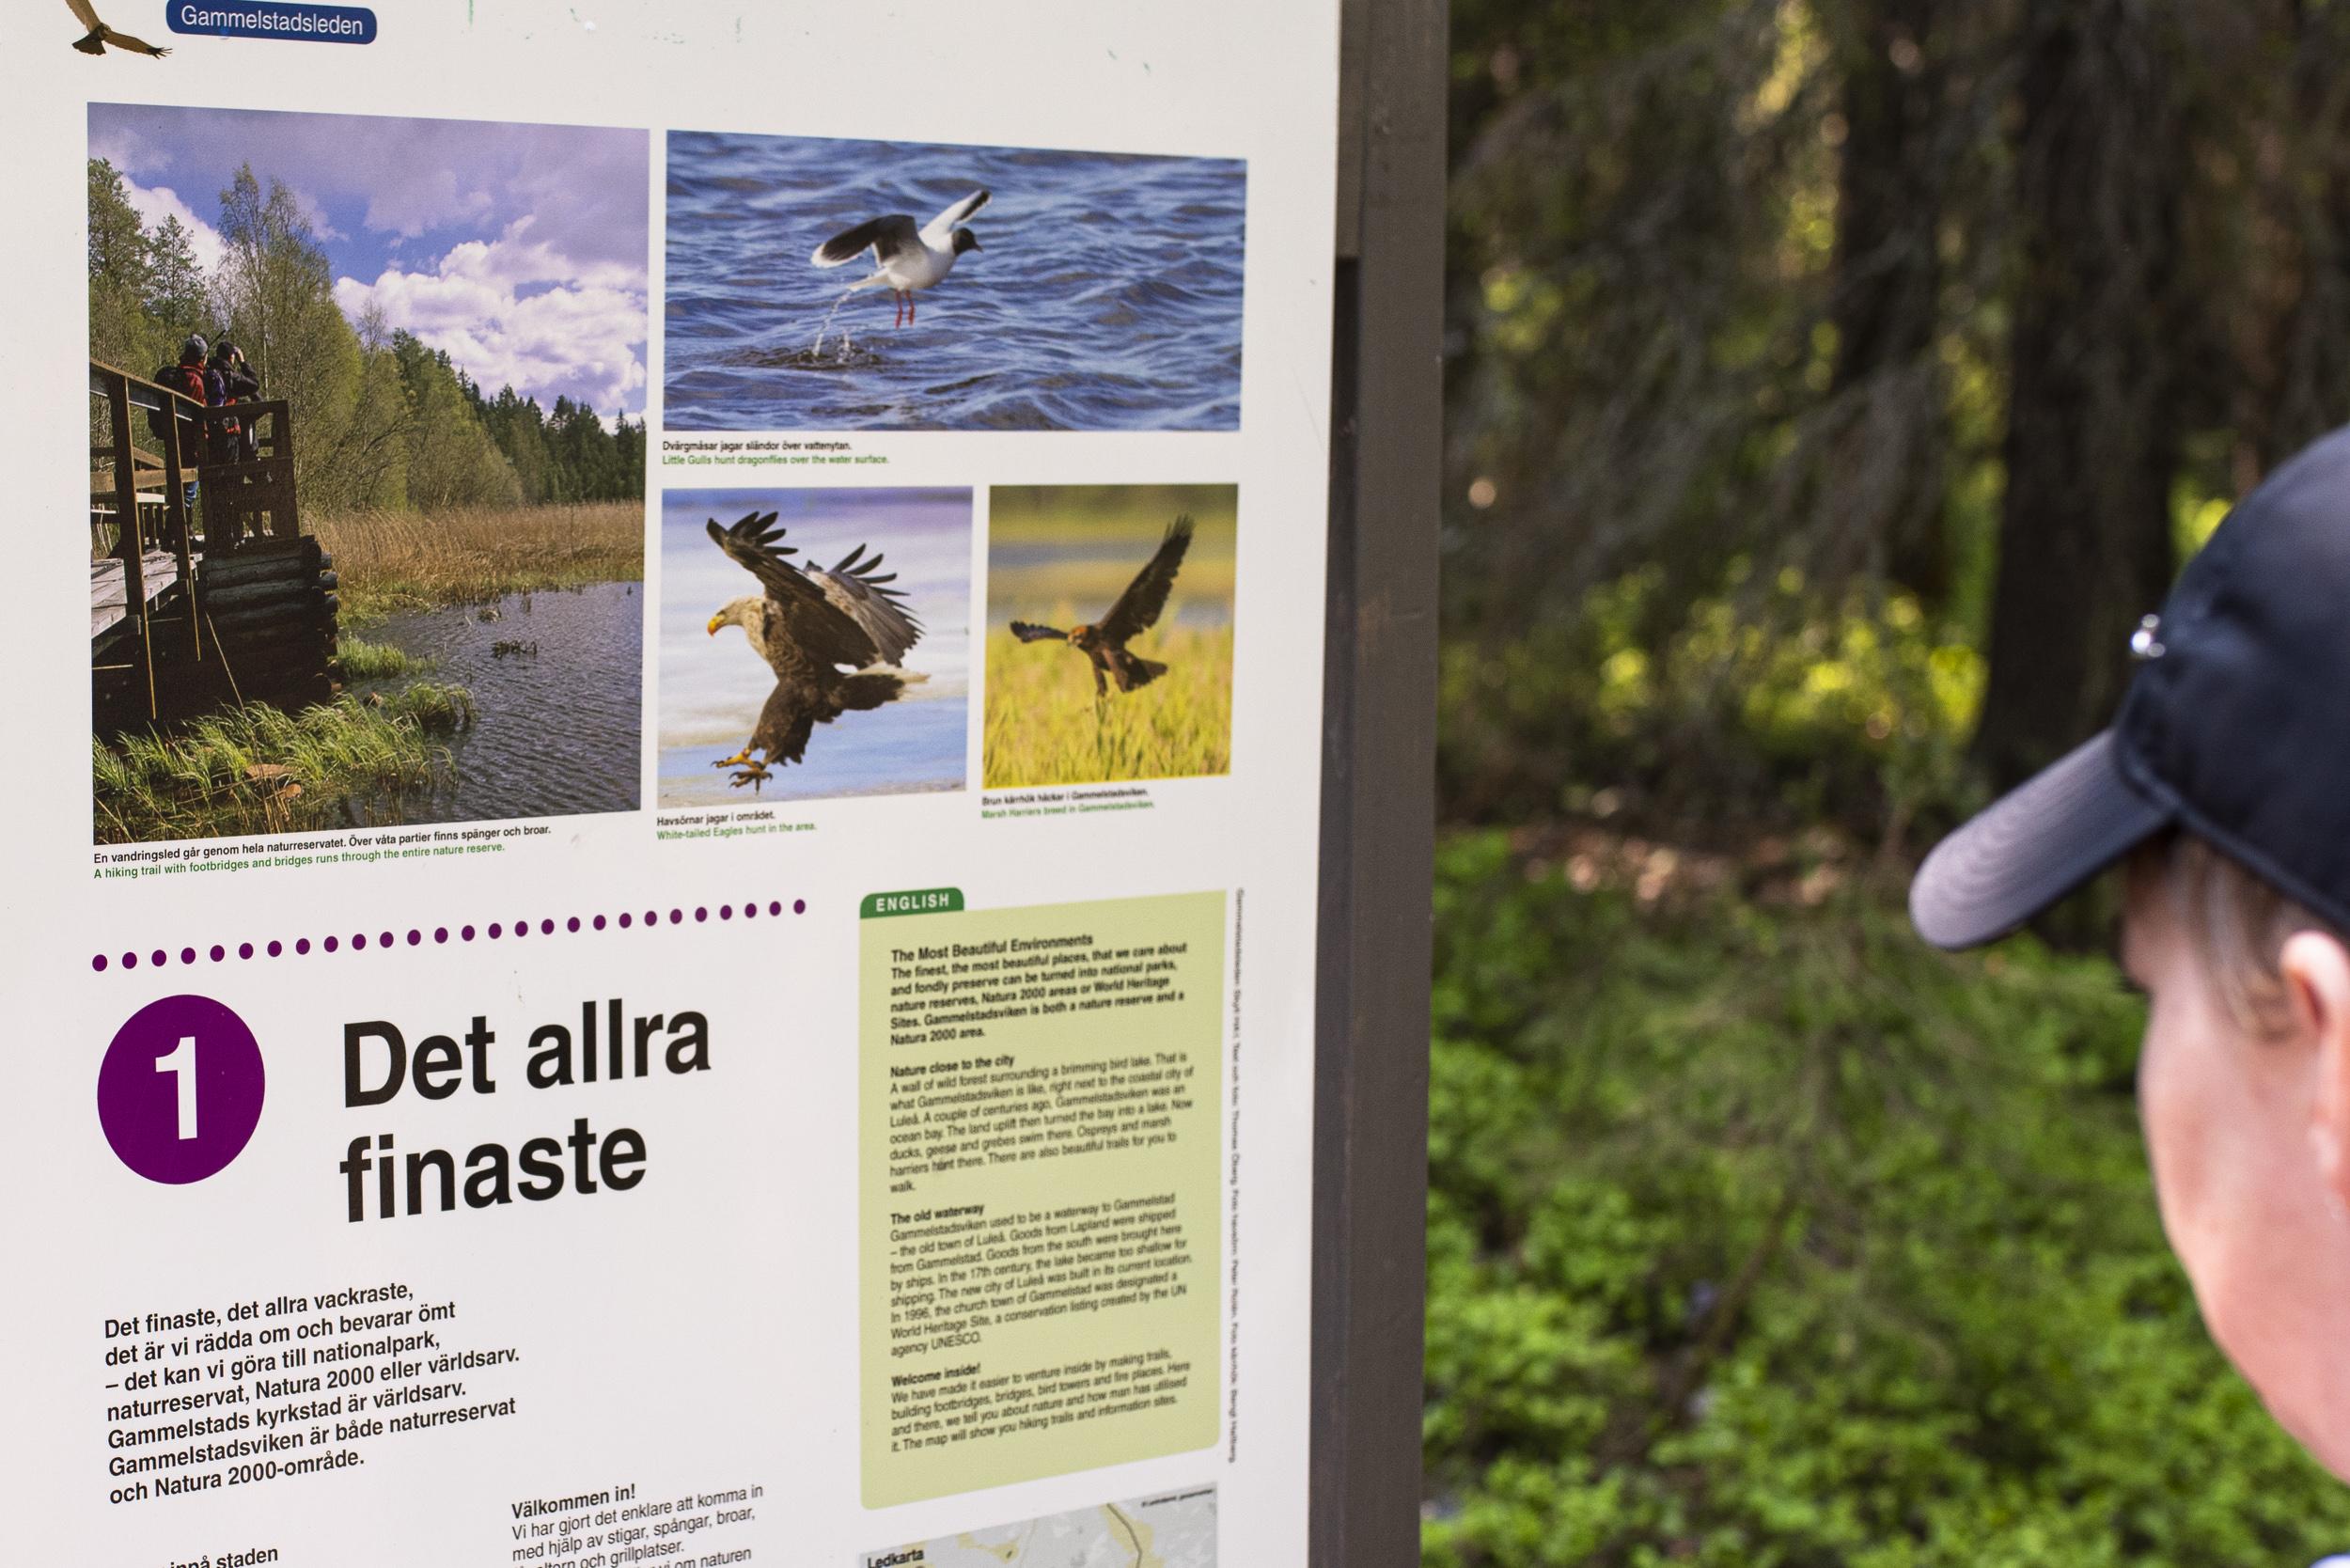 Dags för en prommis till Gammelstadsvikens naturreservat.